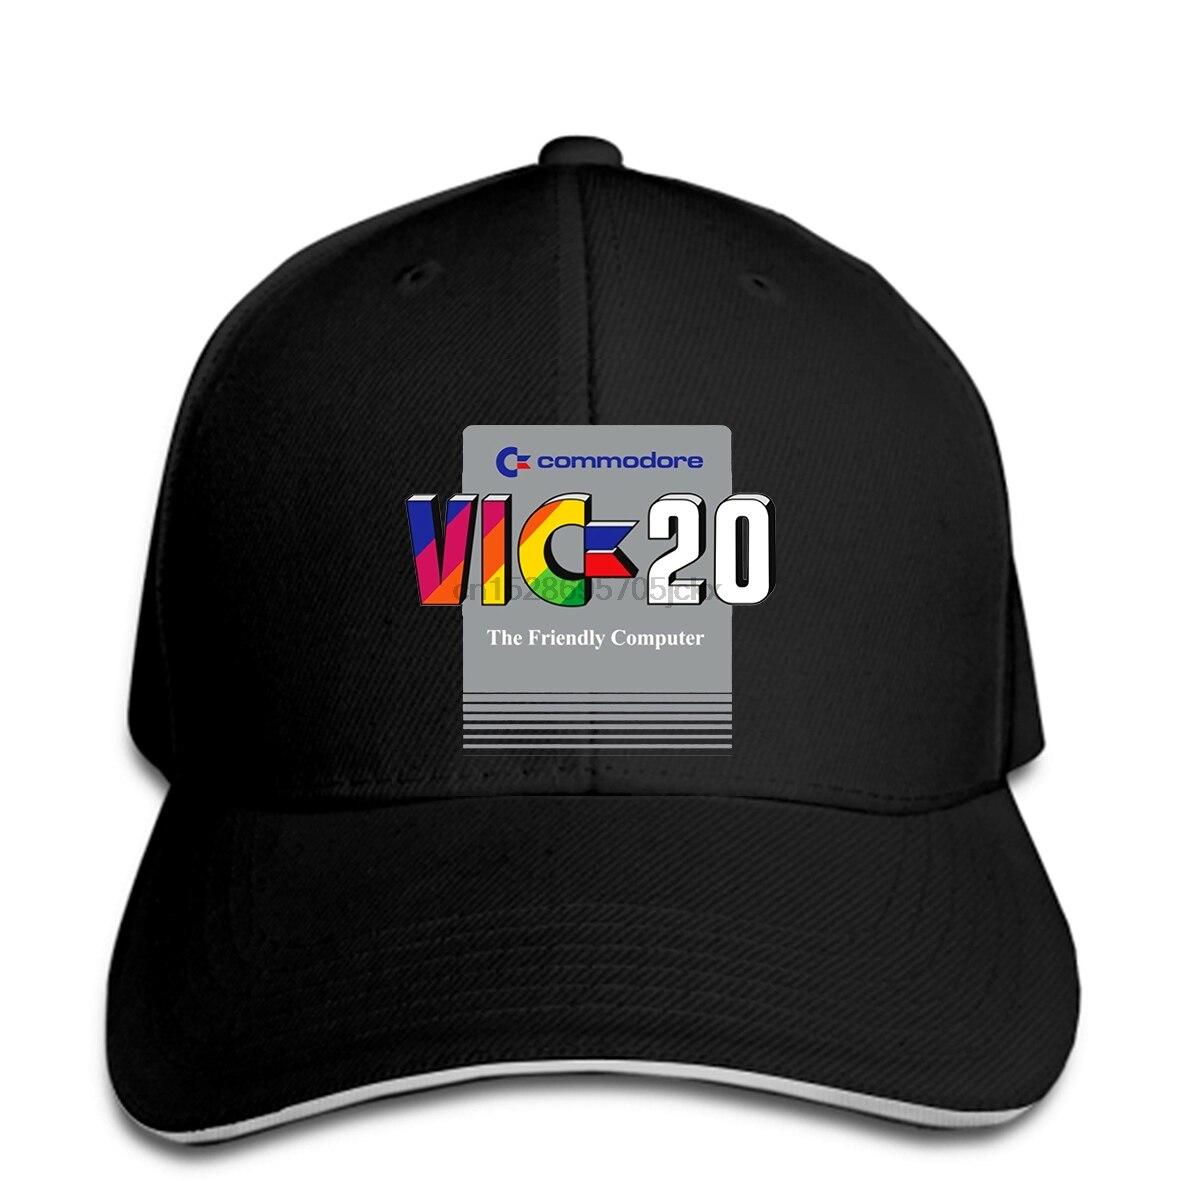 Commodore Vic 20 64 piezas de ordenador Personal Retro juego de videojuegos G200 Gi Harajuku clásico único gorra de béisbol sombrero de pico